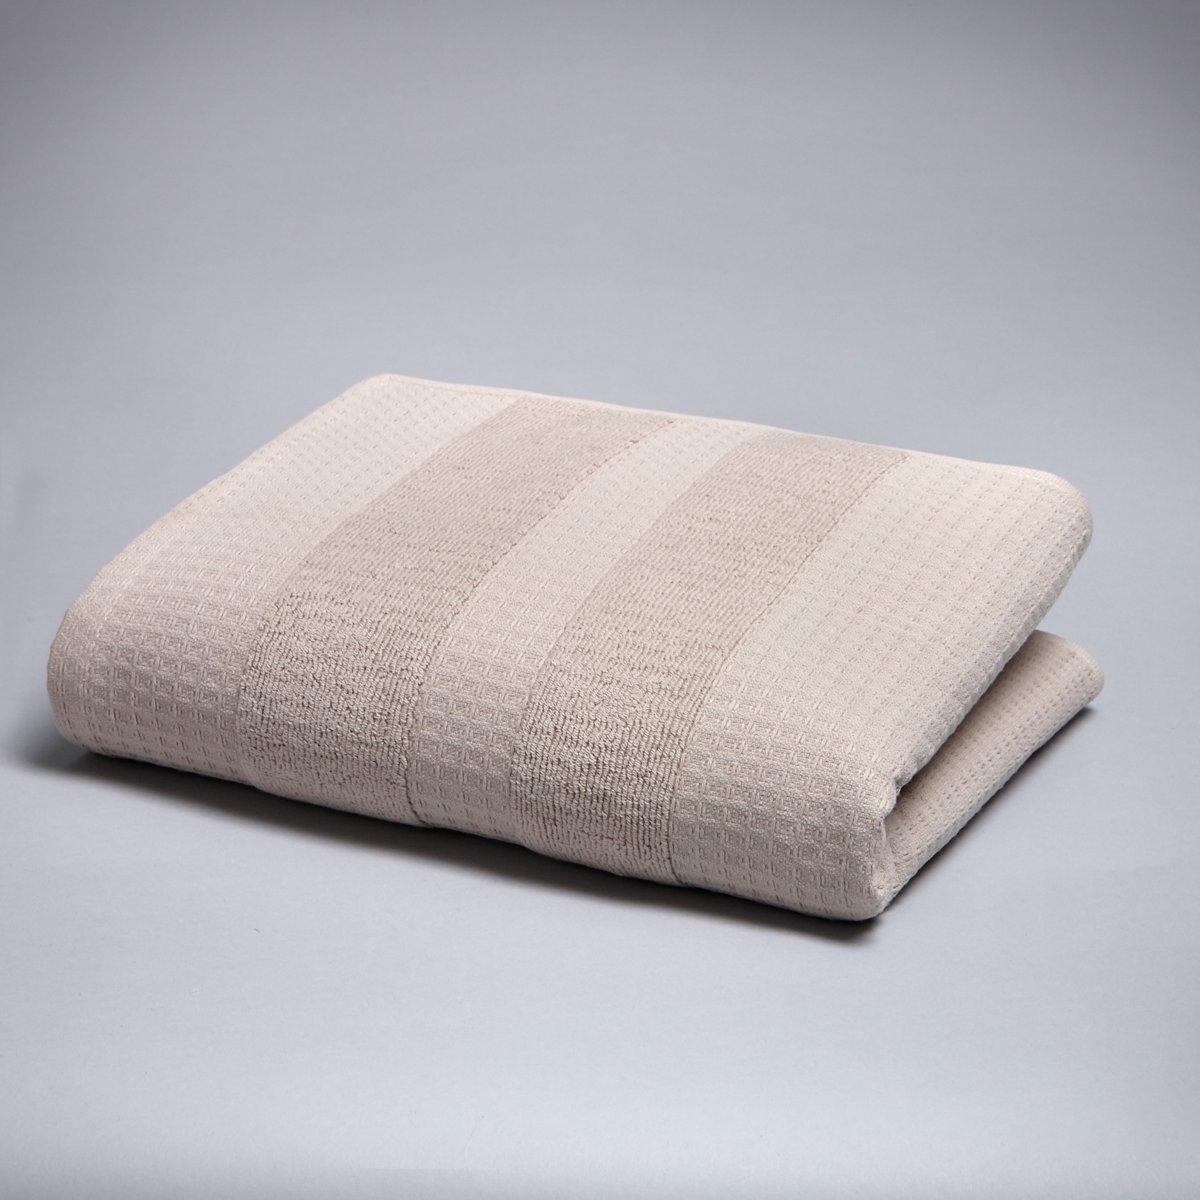 Полотенце, 500 г/м?Мягкая роскошь… Одна сторона с вафельной текстурой и махровой каймой, другая сторона из махровой ткани с вафельной каймой. 100% хлопка, 500 г/м?. Размер: 50 х 100 см. Стирка при 60°.<br><br>Цвет: светло-коричневый,черный<br>Размер: 50 x 100  см.50 x 100  см